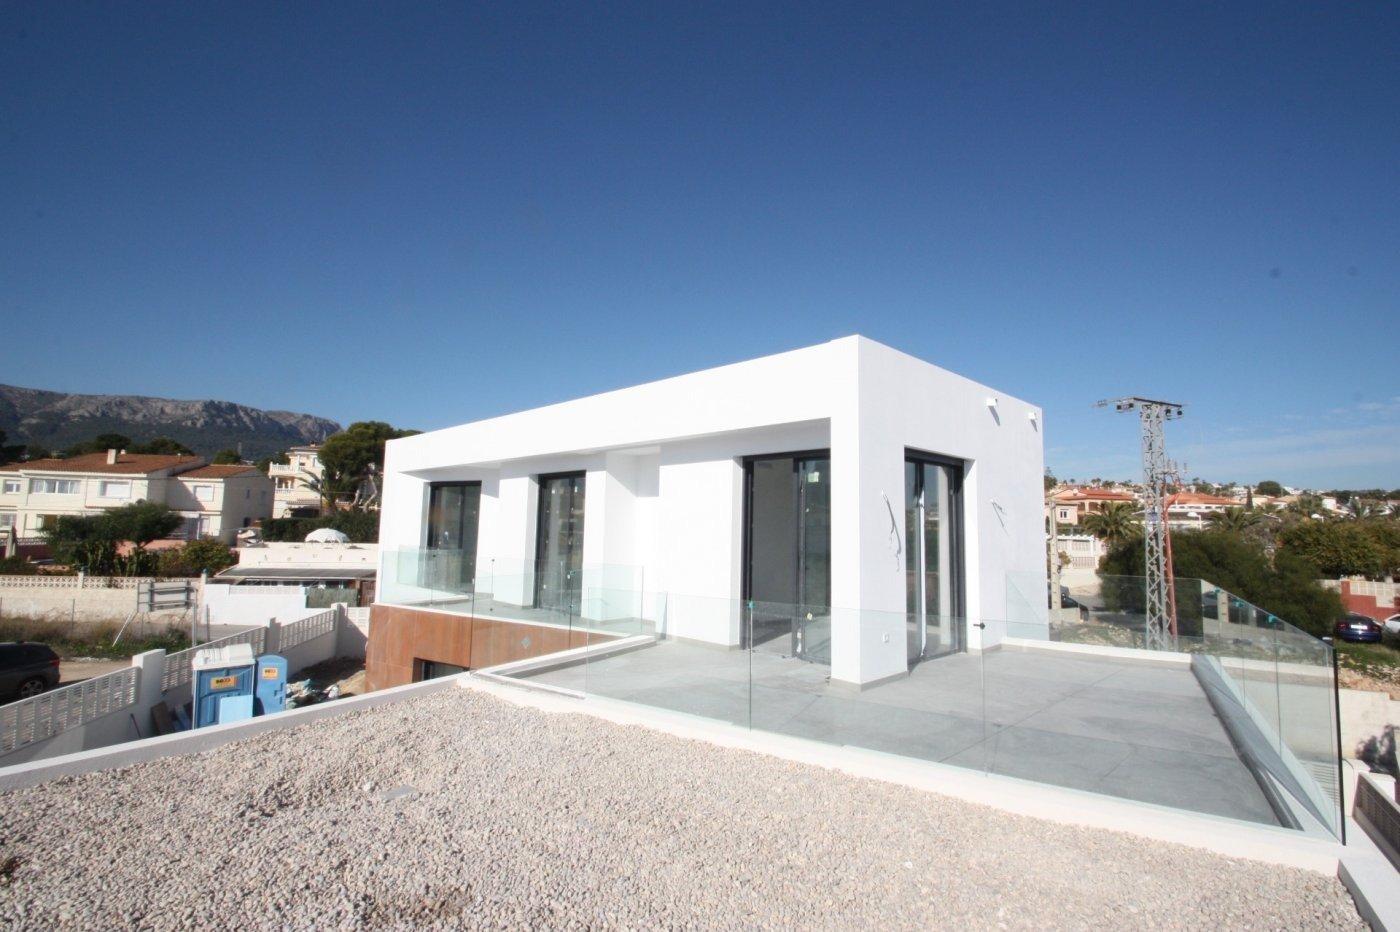 Villa de obra nueva de estilo moderno en venta en calpe a 600 m de la playa - imagenInmueble18